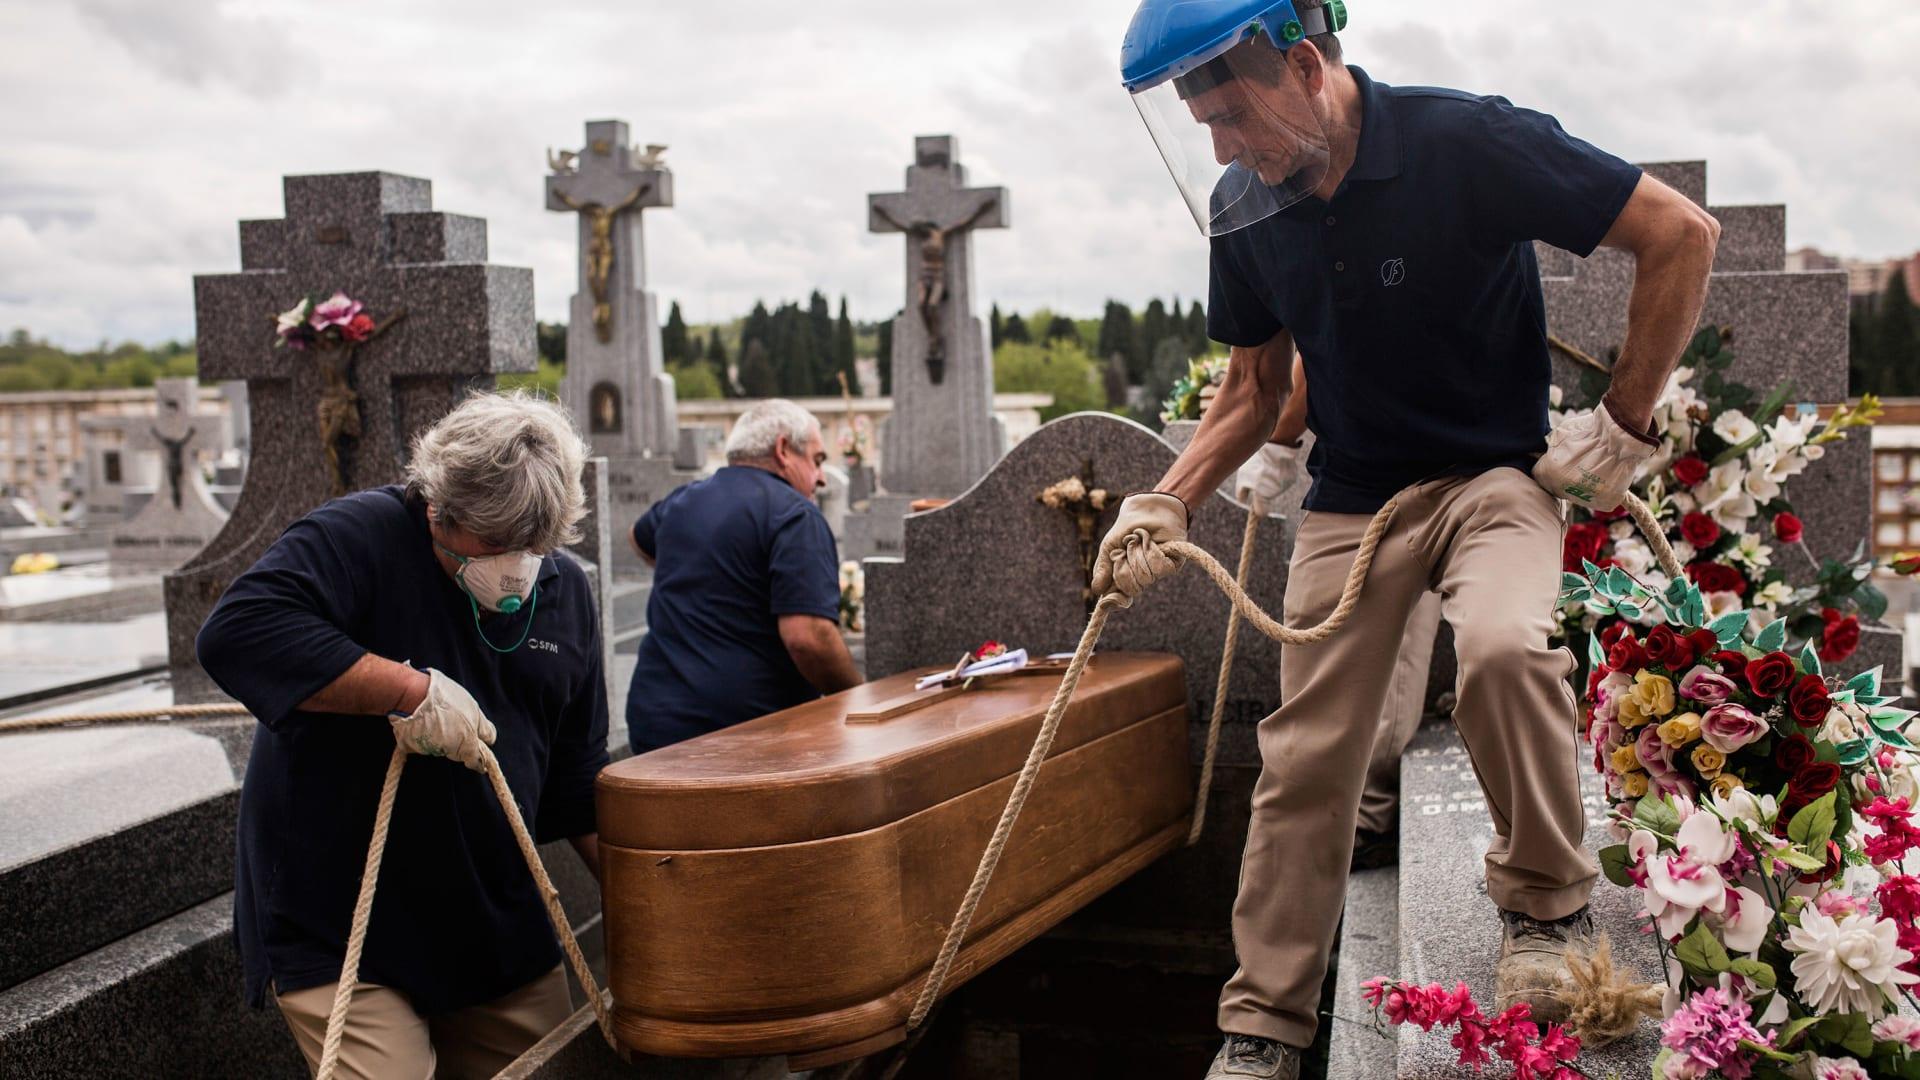 وفيات فيروس كورونا في إسبانيا قد تكون أعلى بكثير من الأرقام الرسمية